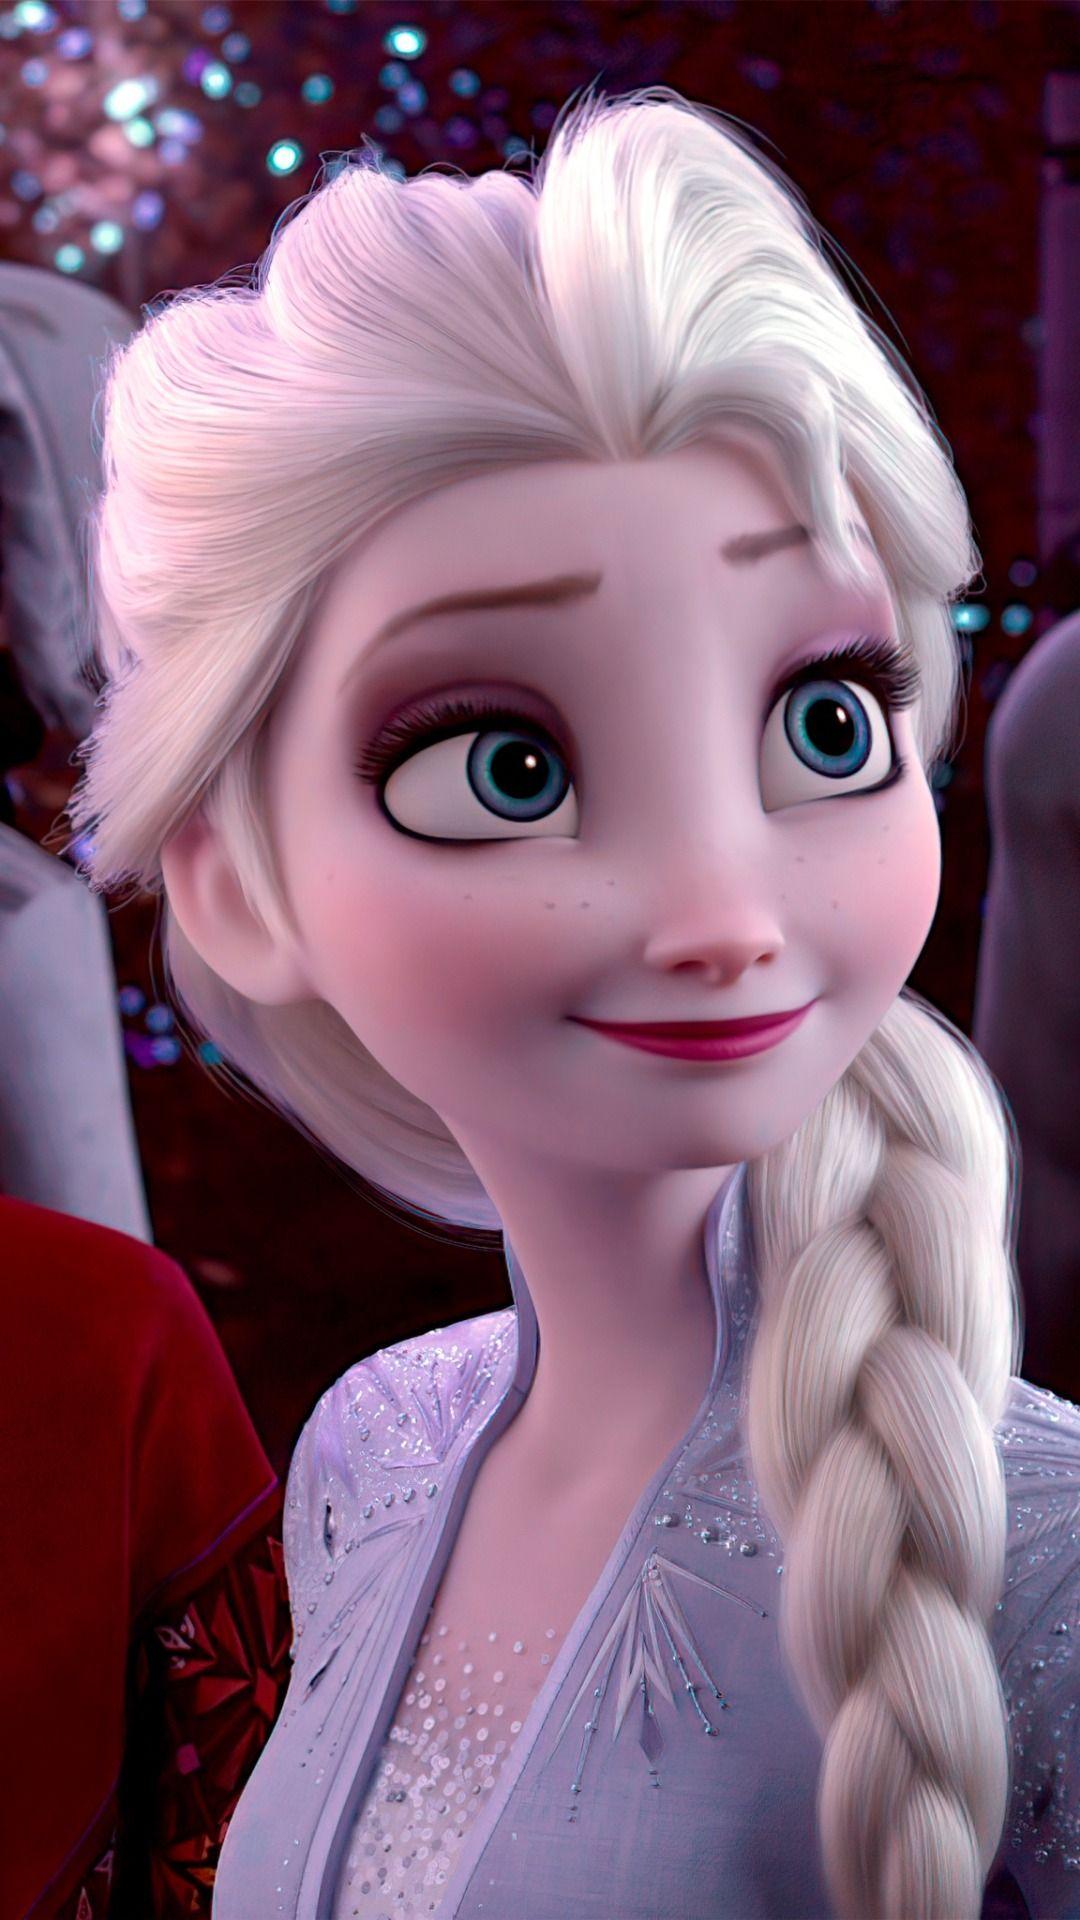 Frozen 2 Twitter Search Twitter Frozen Disney Movie Disney Frozen Elsa Disney Princess Frozen